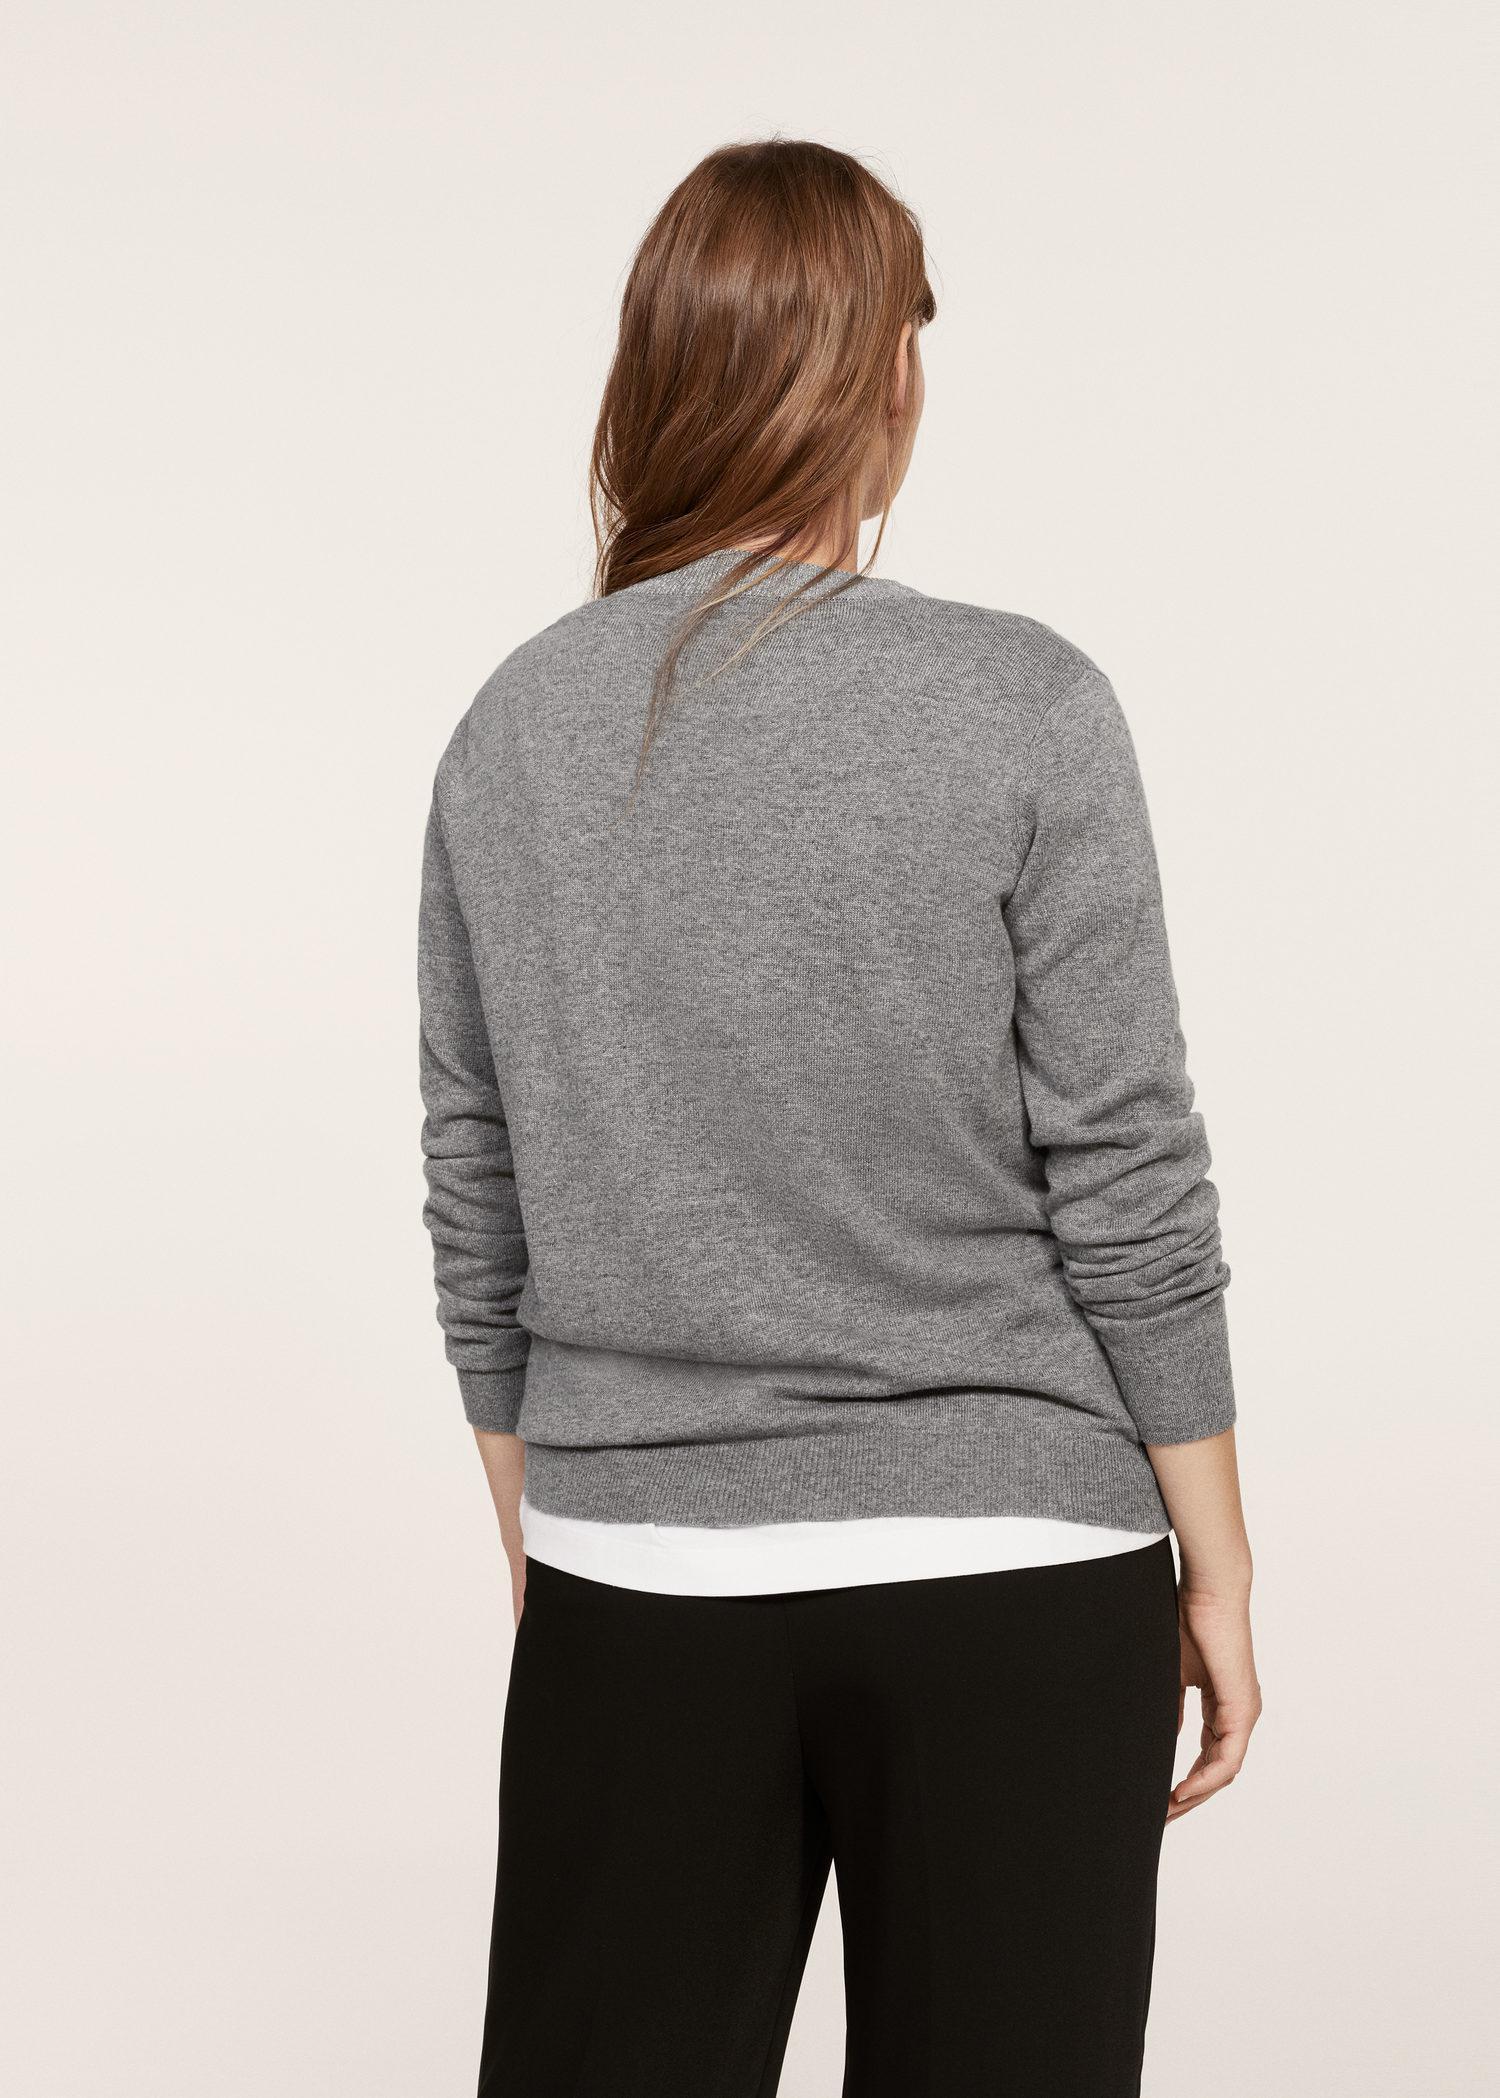 Violeta By Mango Pearl Embroidery Appliqué Sweater in Gray - Lyst e8e410203